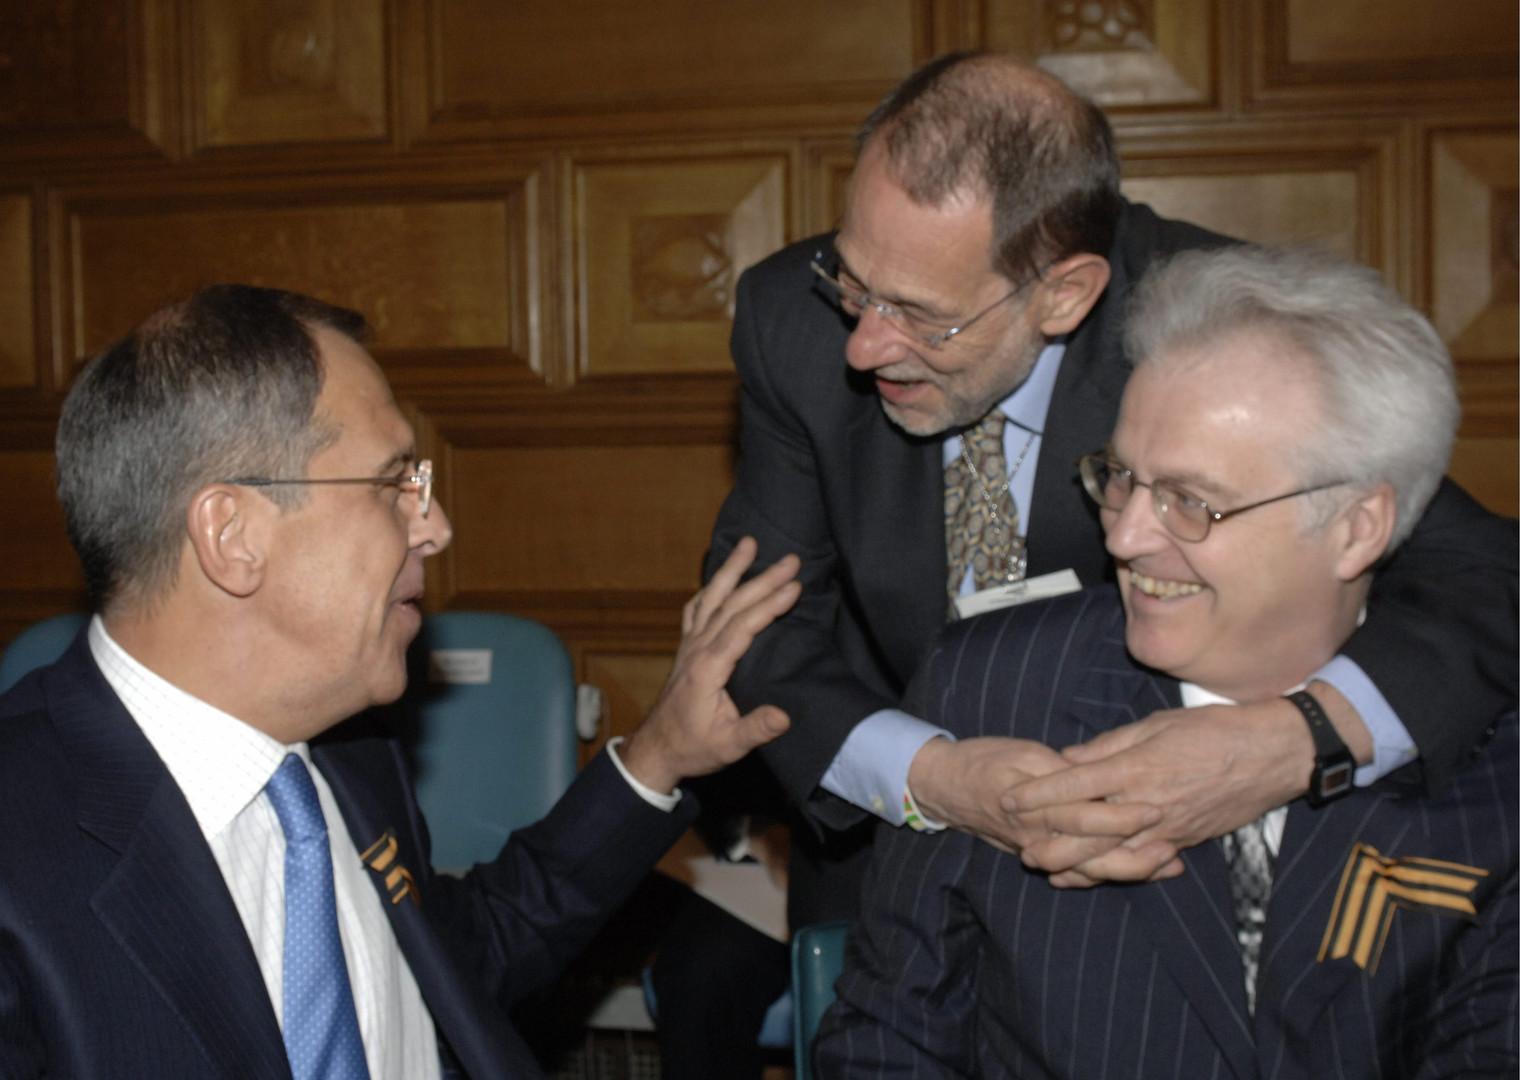 Der russische Außenminister Sergej Lawrow, EU-Ratssekretär Javier Solana und Witali Tschurkin, russischer Botschafter bei den Vereinten Nationen, während einer Ministerkonferenz zum UN-Hauptquartier in New York City. Tschurkin starb letzten Monat überraschend, einen Tag vor seinem 65. Geburtstag.